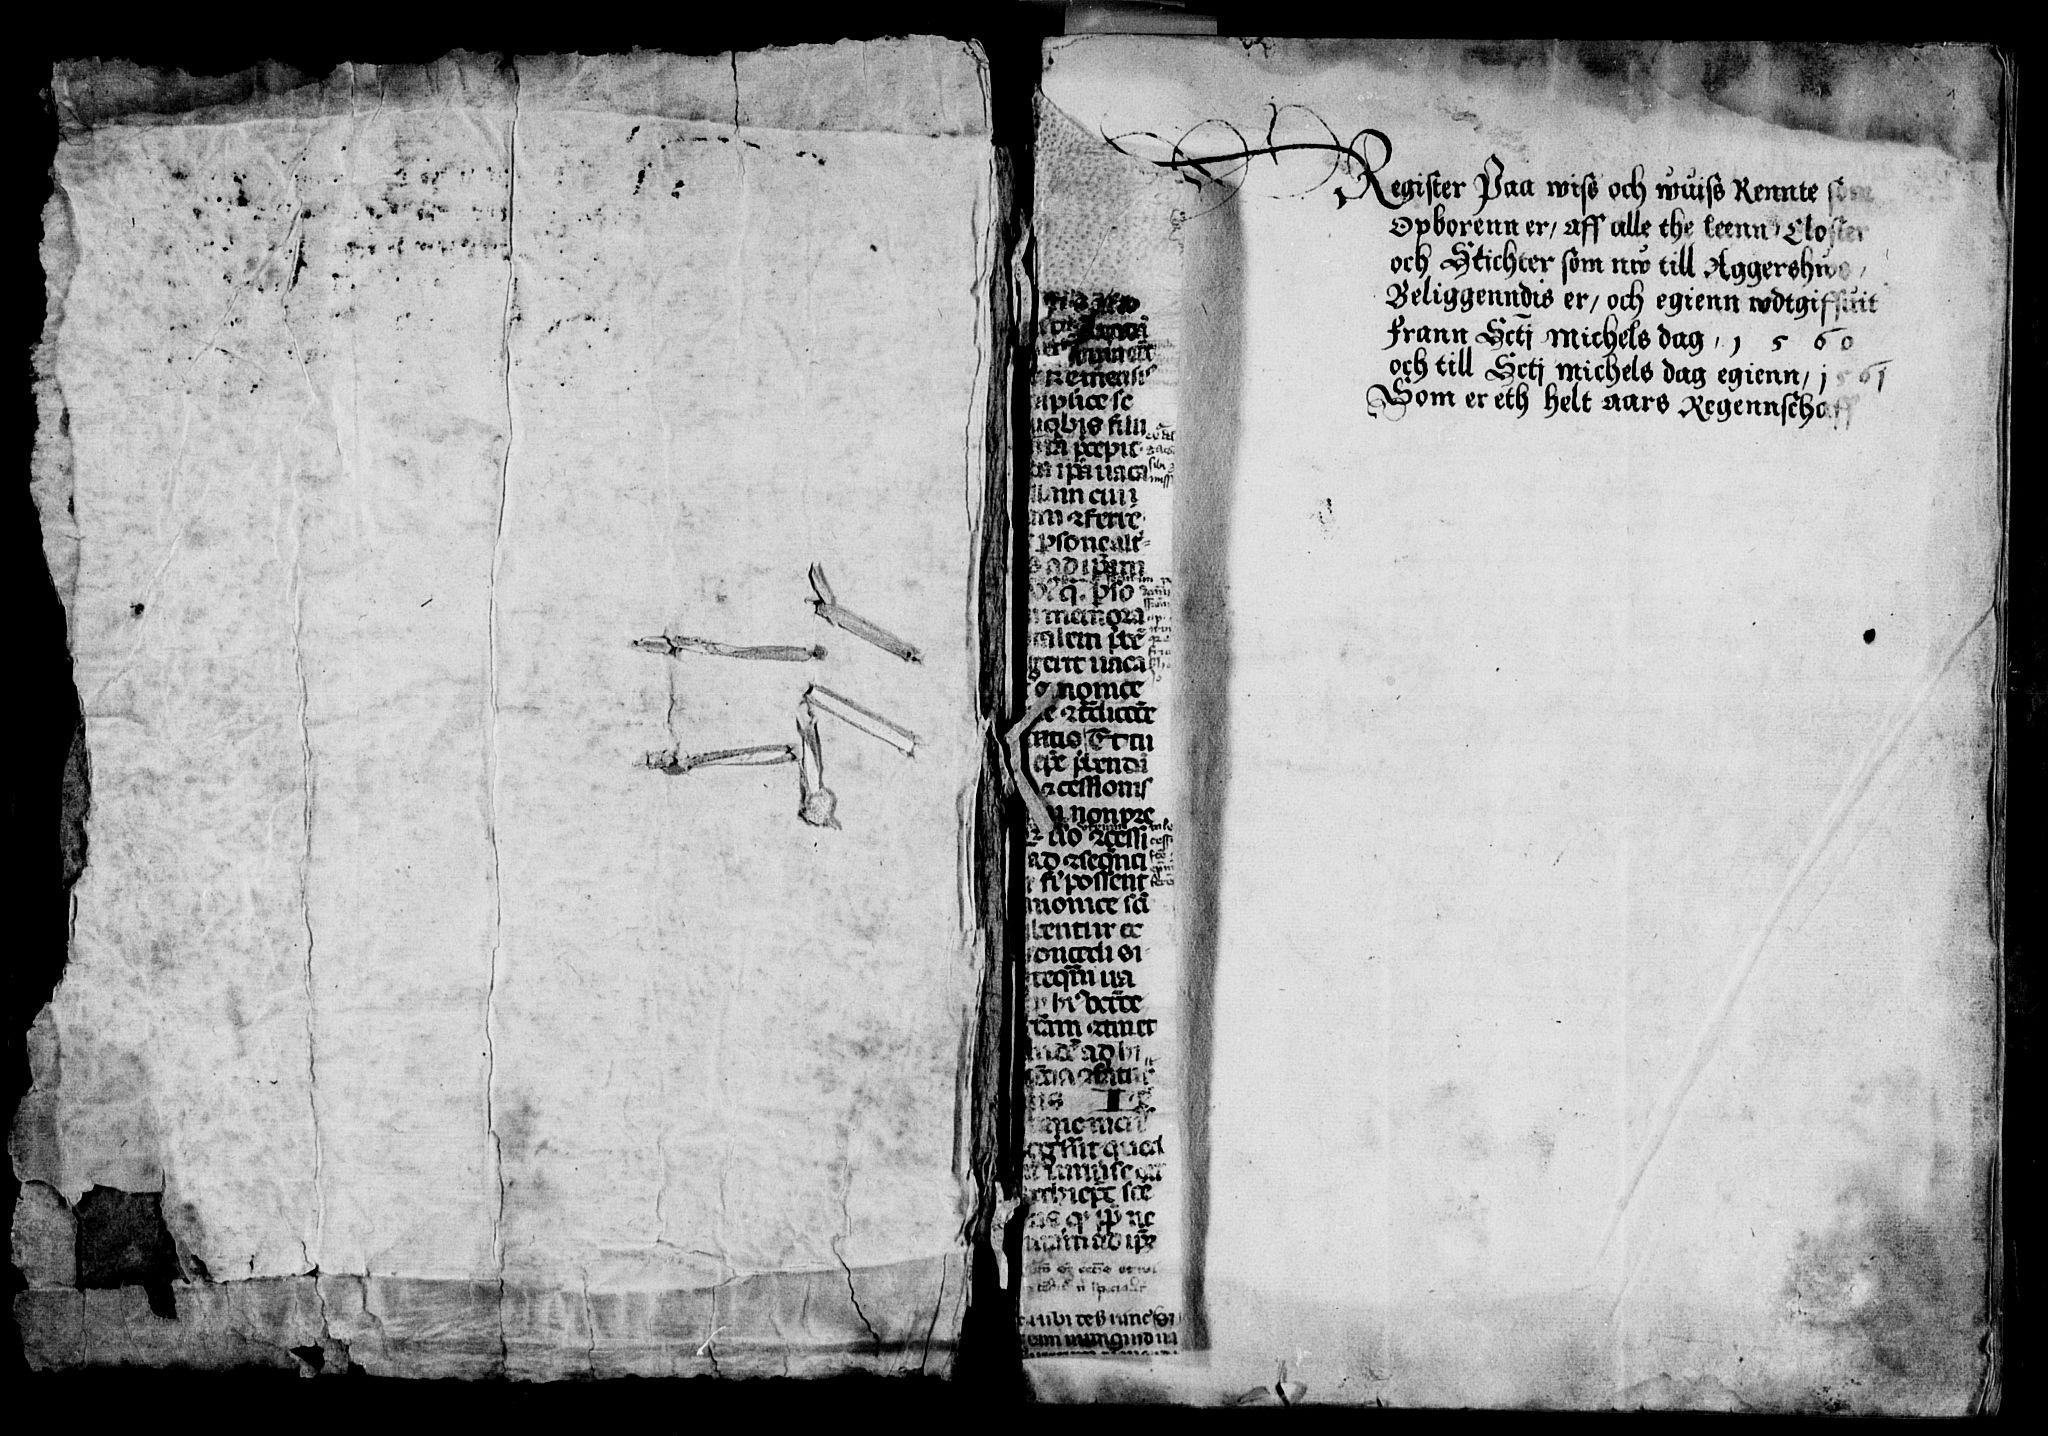 RA, Rentekammeret inntil 1814, Reviderte regnskaper, Lensregnskaper, R/Ra/L0004: Akershus len, 1560-1561;  Bergenhus len, 1516-1517, 1516-1561